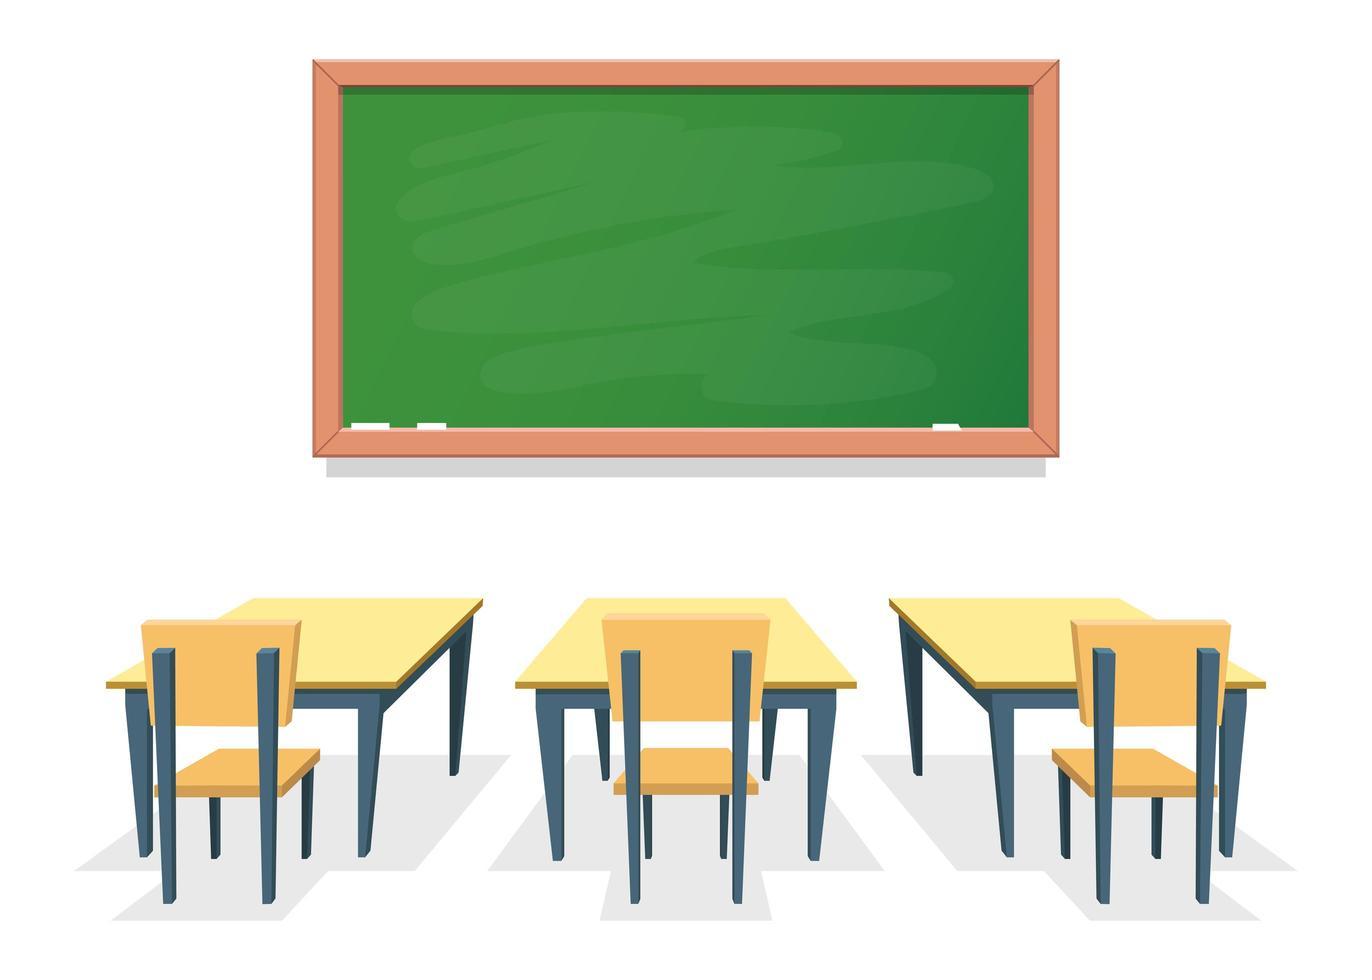 sala de aula com carteiras vetor